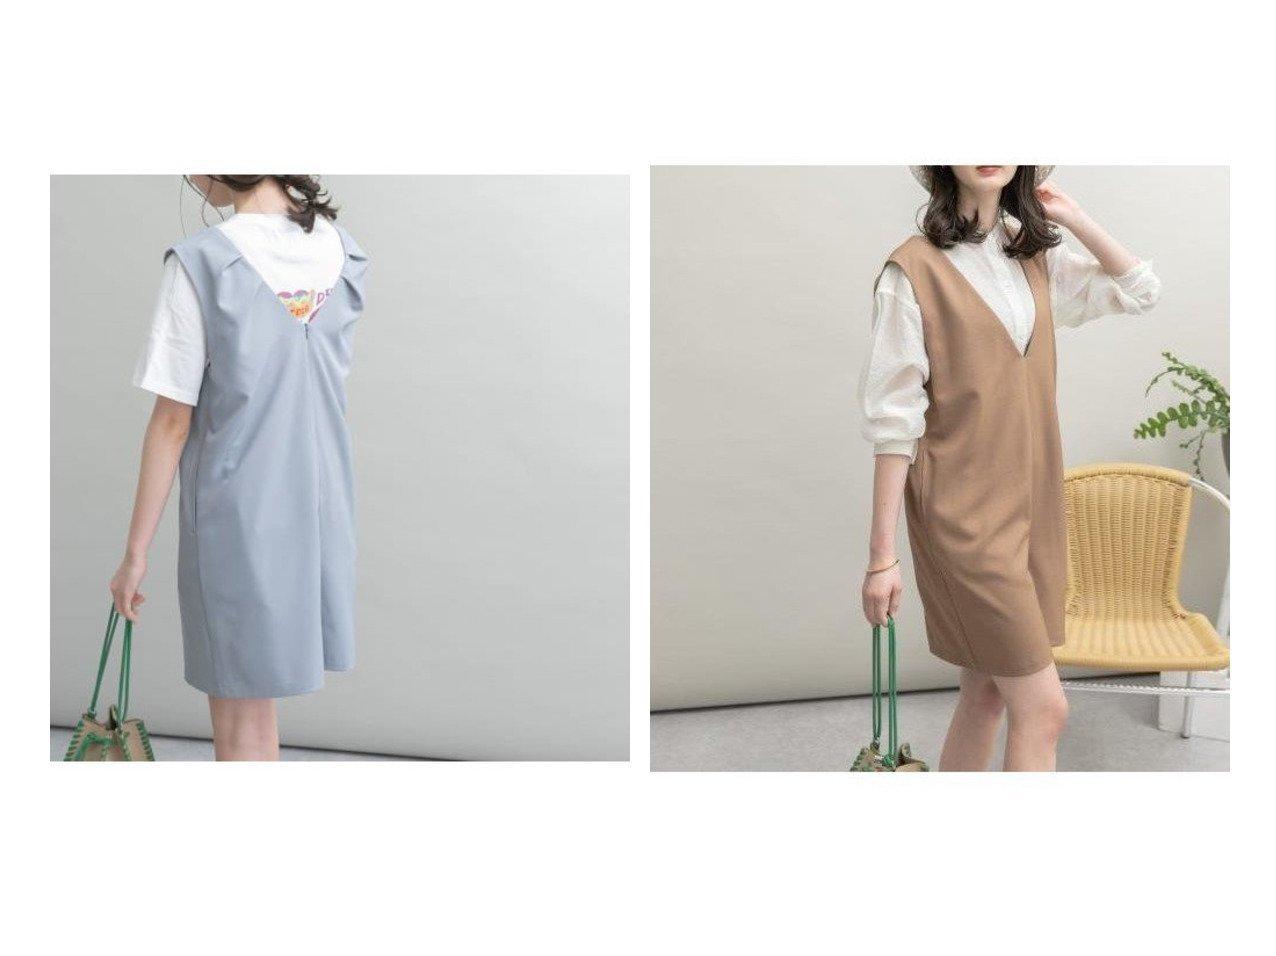 【URBAN RESEARCH/アーバンリサーチ】のUR Lab. Vネックショートサロペット 【ワンピース・ドレス】おすすめ!人気、トレンド・レディースファッションの通販 おすすめで人気の流行・トレンド、ファッションの通販商品 インテリア・家具・メンズファッション・キッズファッション・レディースファッション・服の通販 founy(ファニー) https://founy.com/ ファッション Fashion レディースファッション WOMEN トップス・カットソー Tops/Tshirt Vネック V-Neck ワンピース Dress サロペット Salopette インナー カーディガン サロペット ショート シンプル タンク ポケット 無地 リゾート リラックス NEW・新作・新着・新入荷 New Arrivals おすすめ Recommend 夏 Summer  ID:crp329100000054614